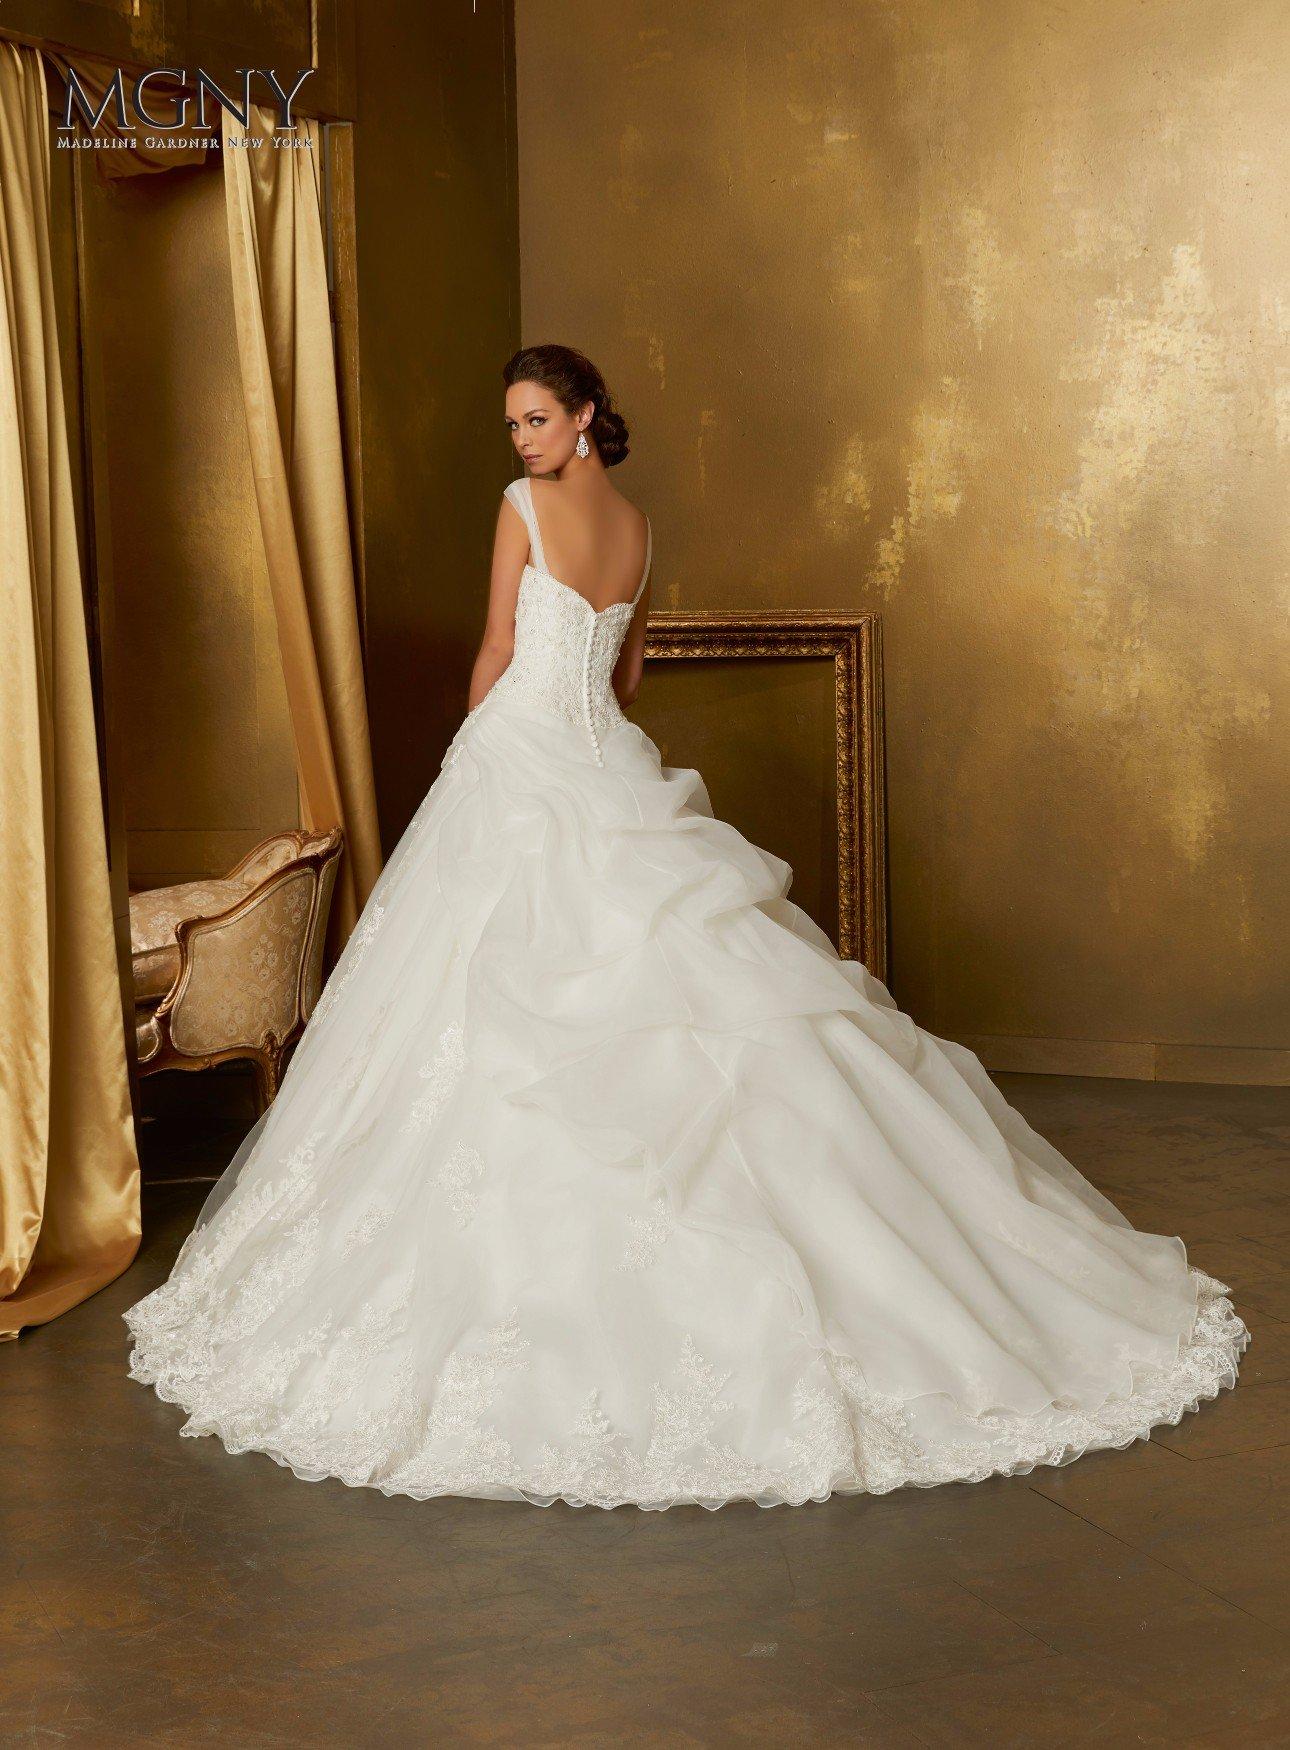 Abito da sposa bianco perfetto